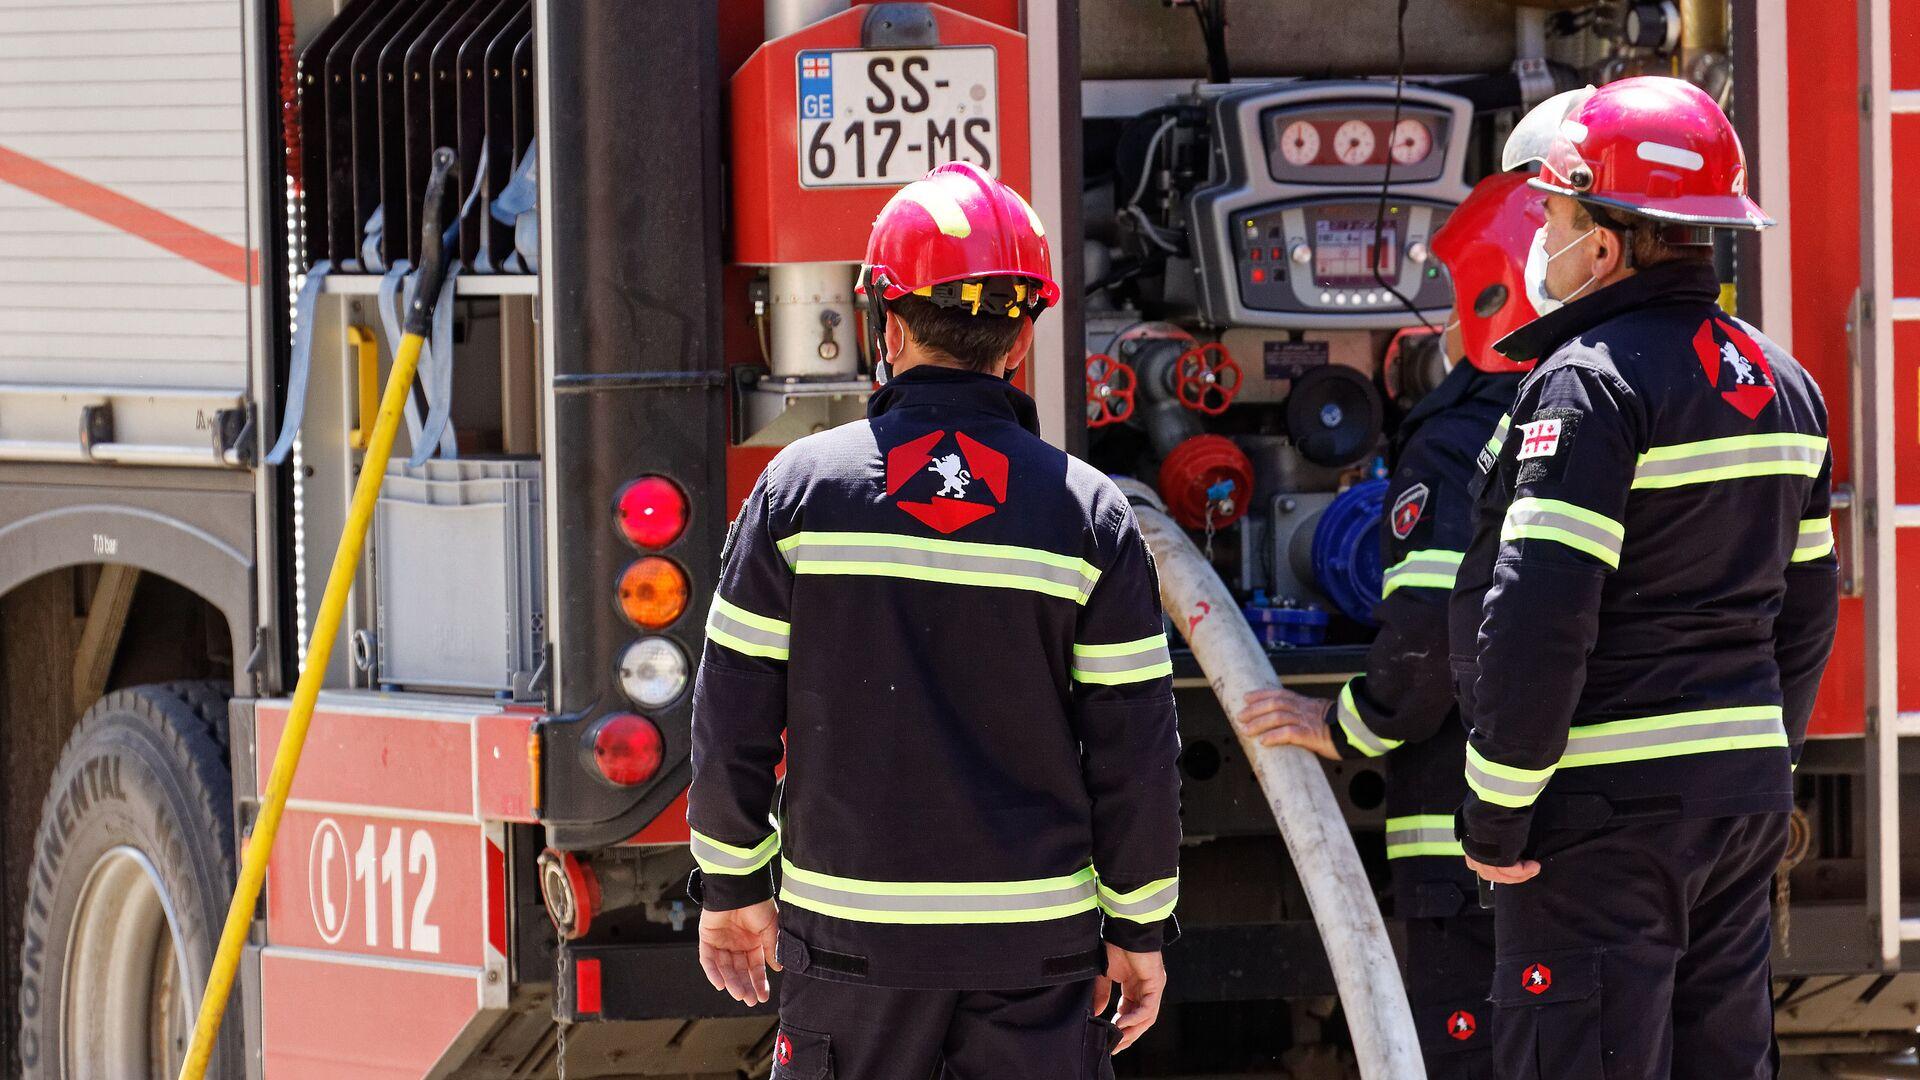 Пожарные спасатели на месте ЧП - Sputnik Грузия, 1920, 29.09.2021